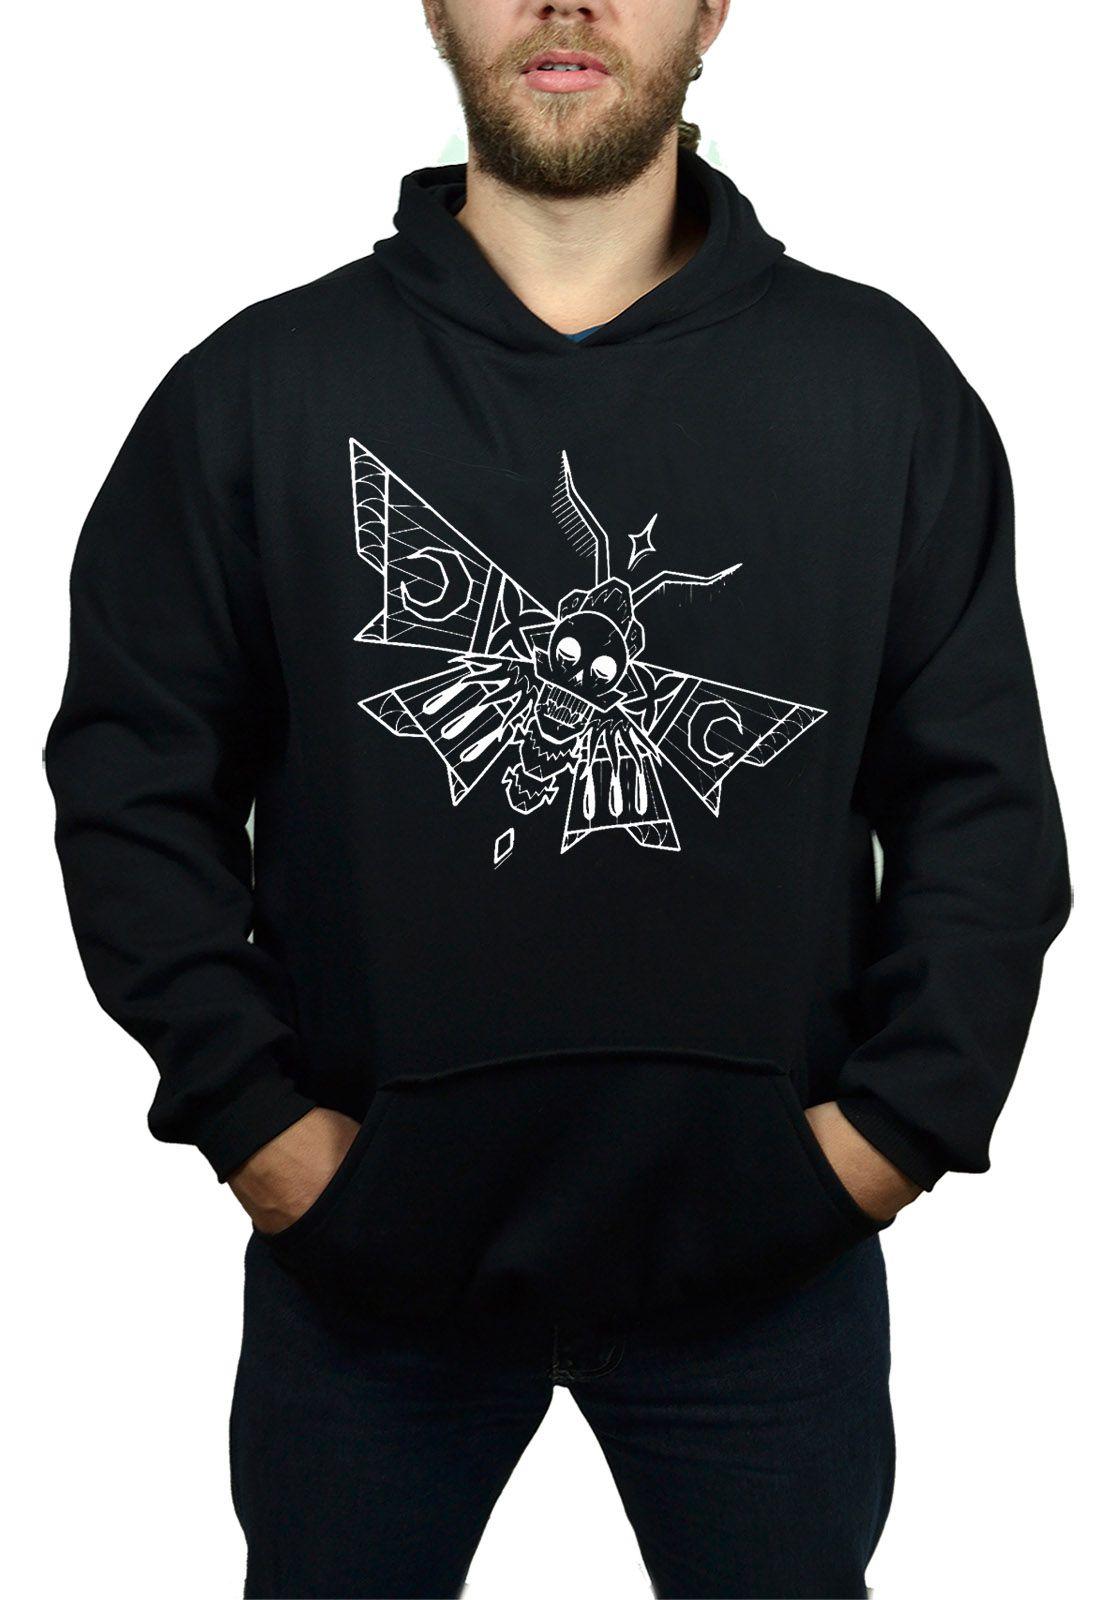 Moletom Hshop Skull Fly - Preto  - HShop